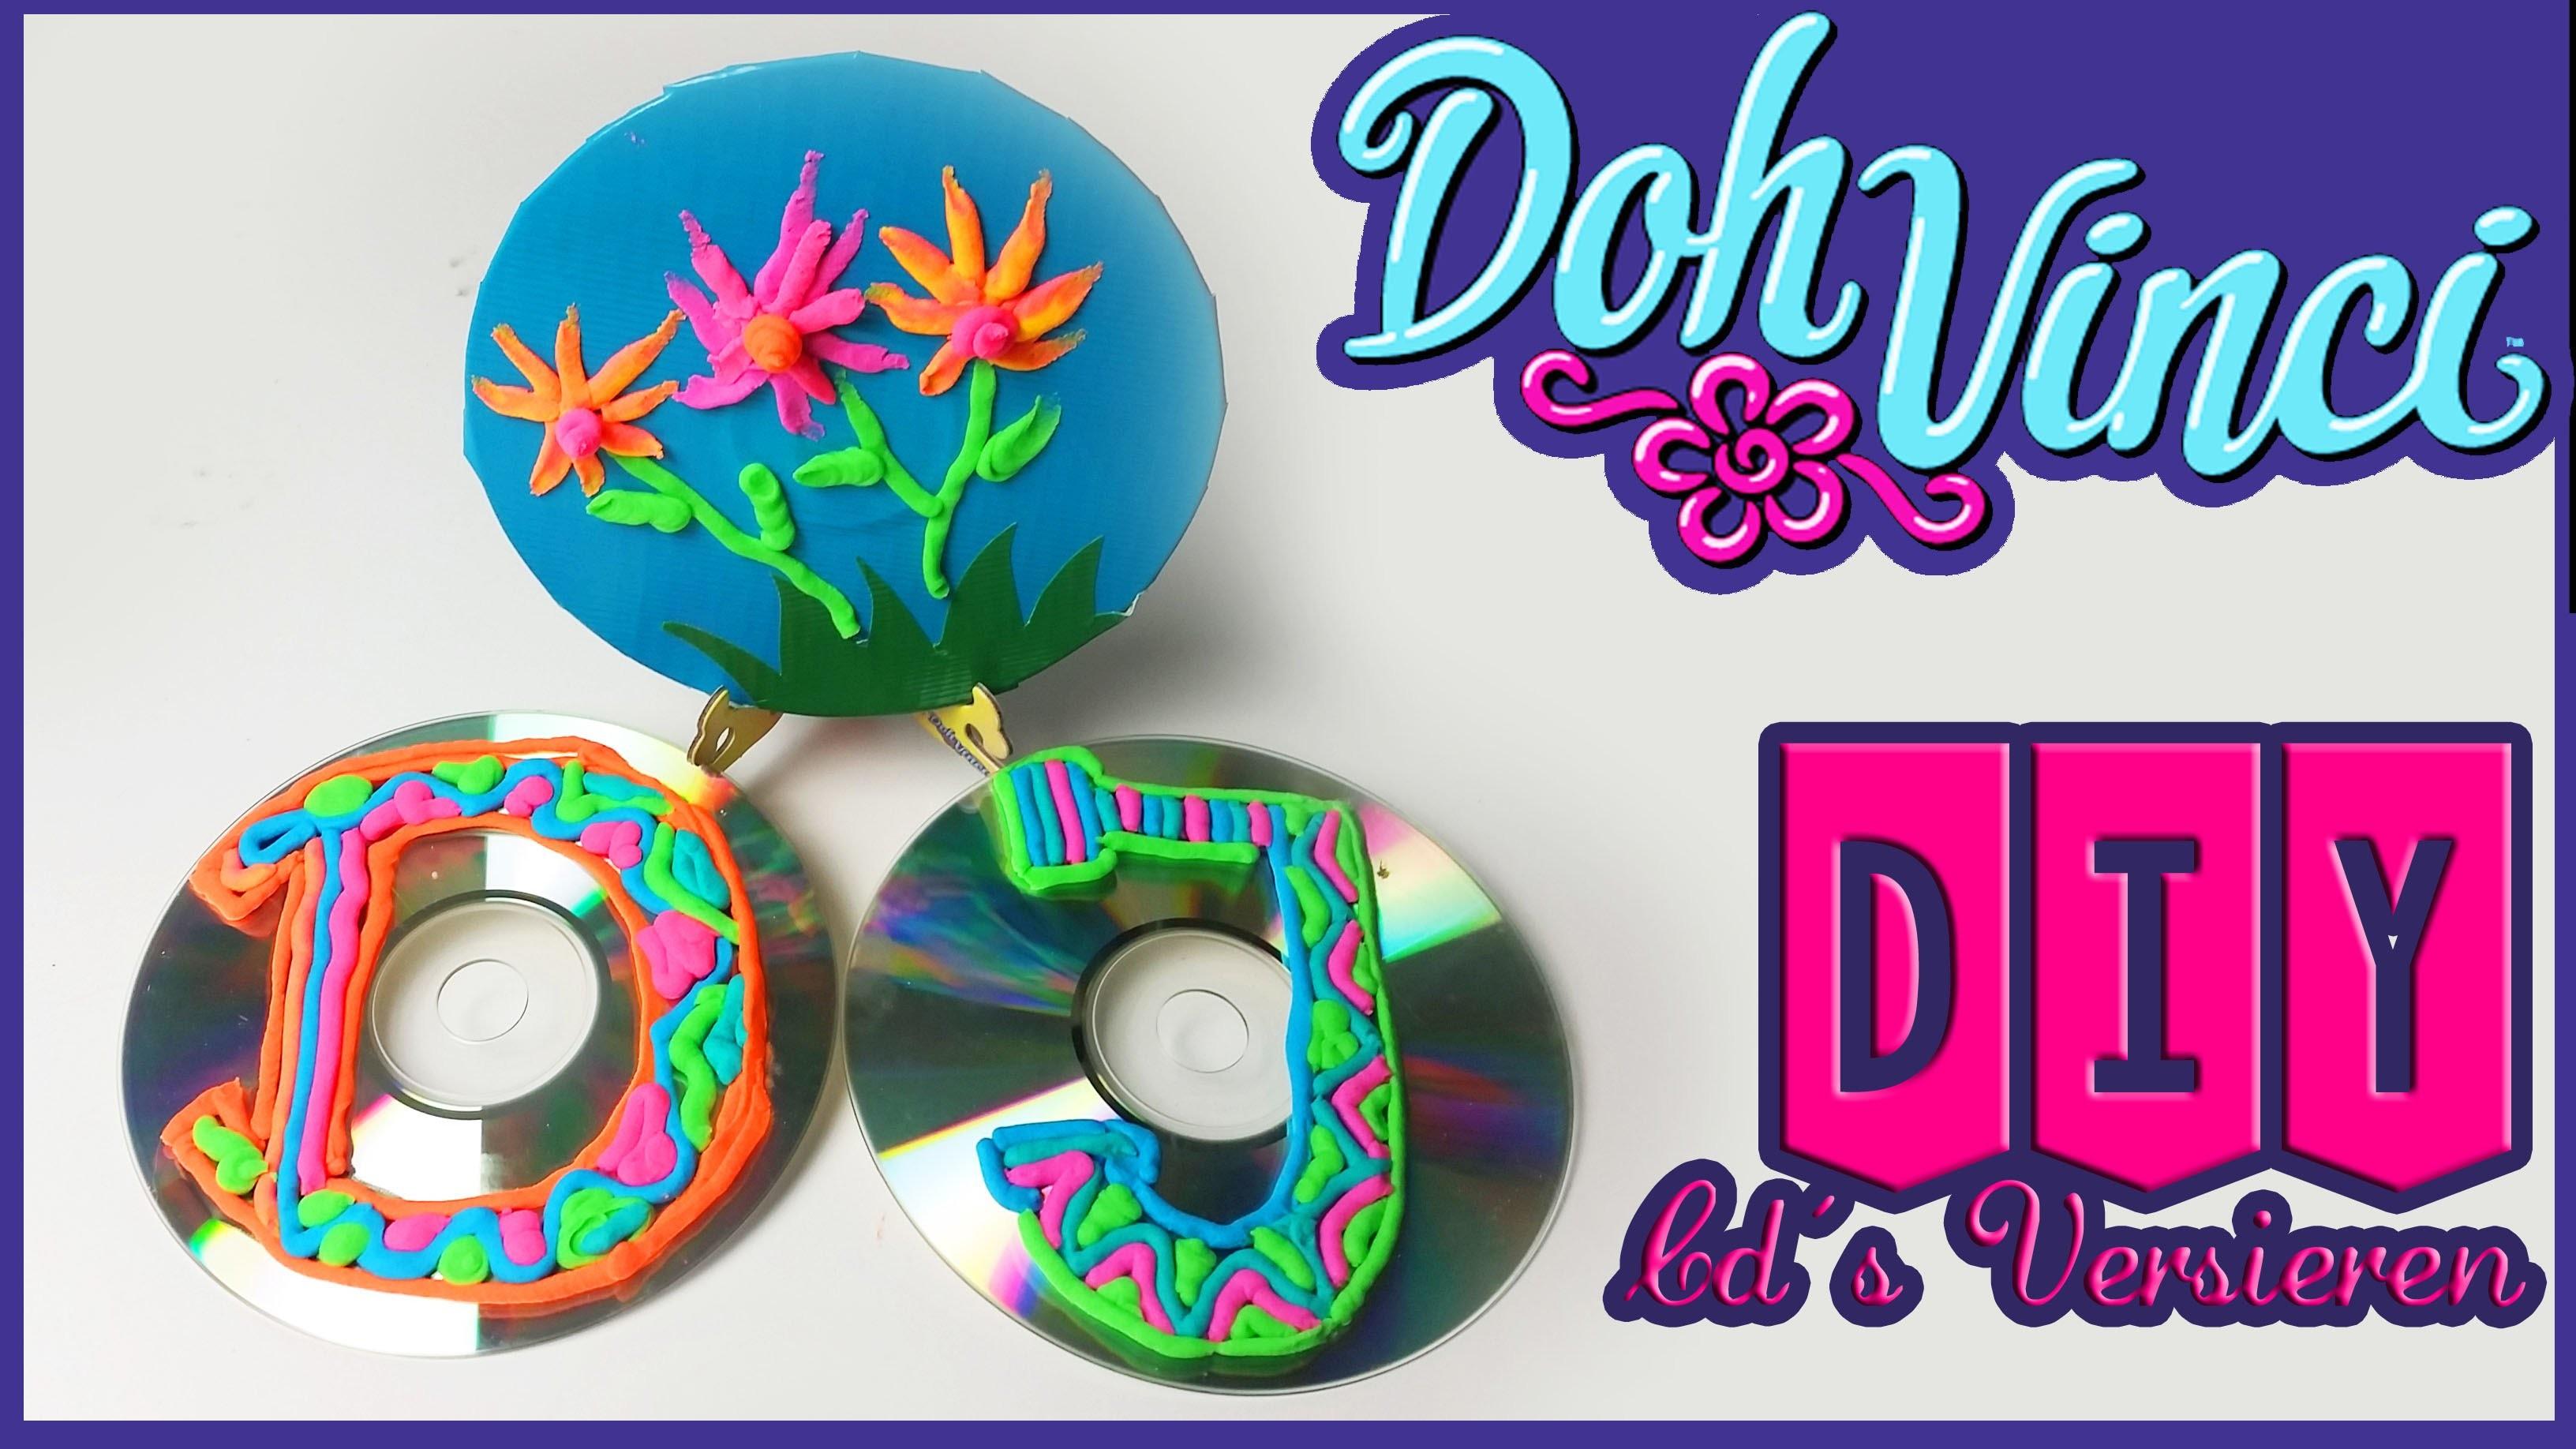 CREATIEF MET DOHVINCI | CD'S VERSIEREN MET DECOPOPS EN DUCK TAPE